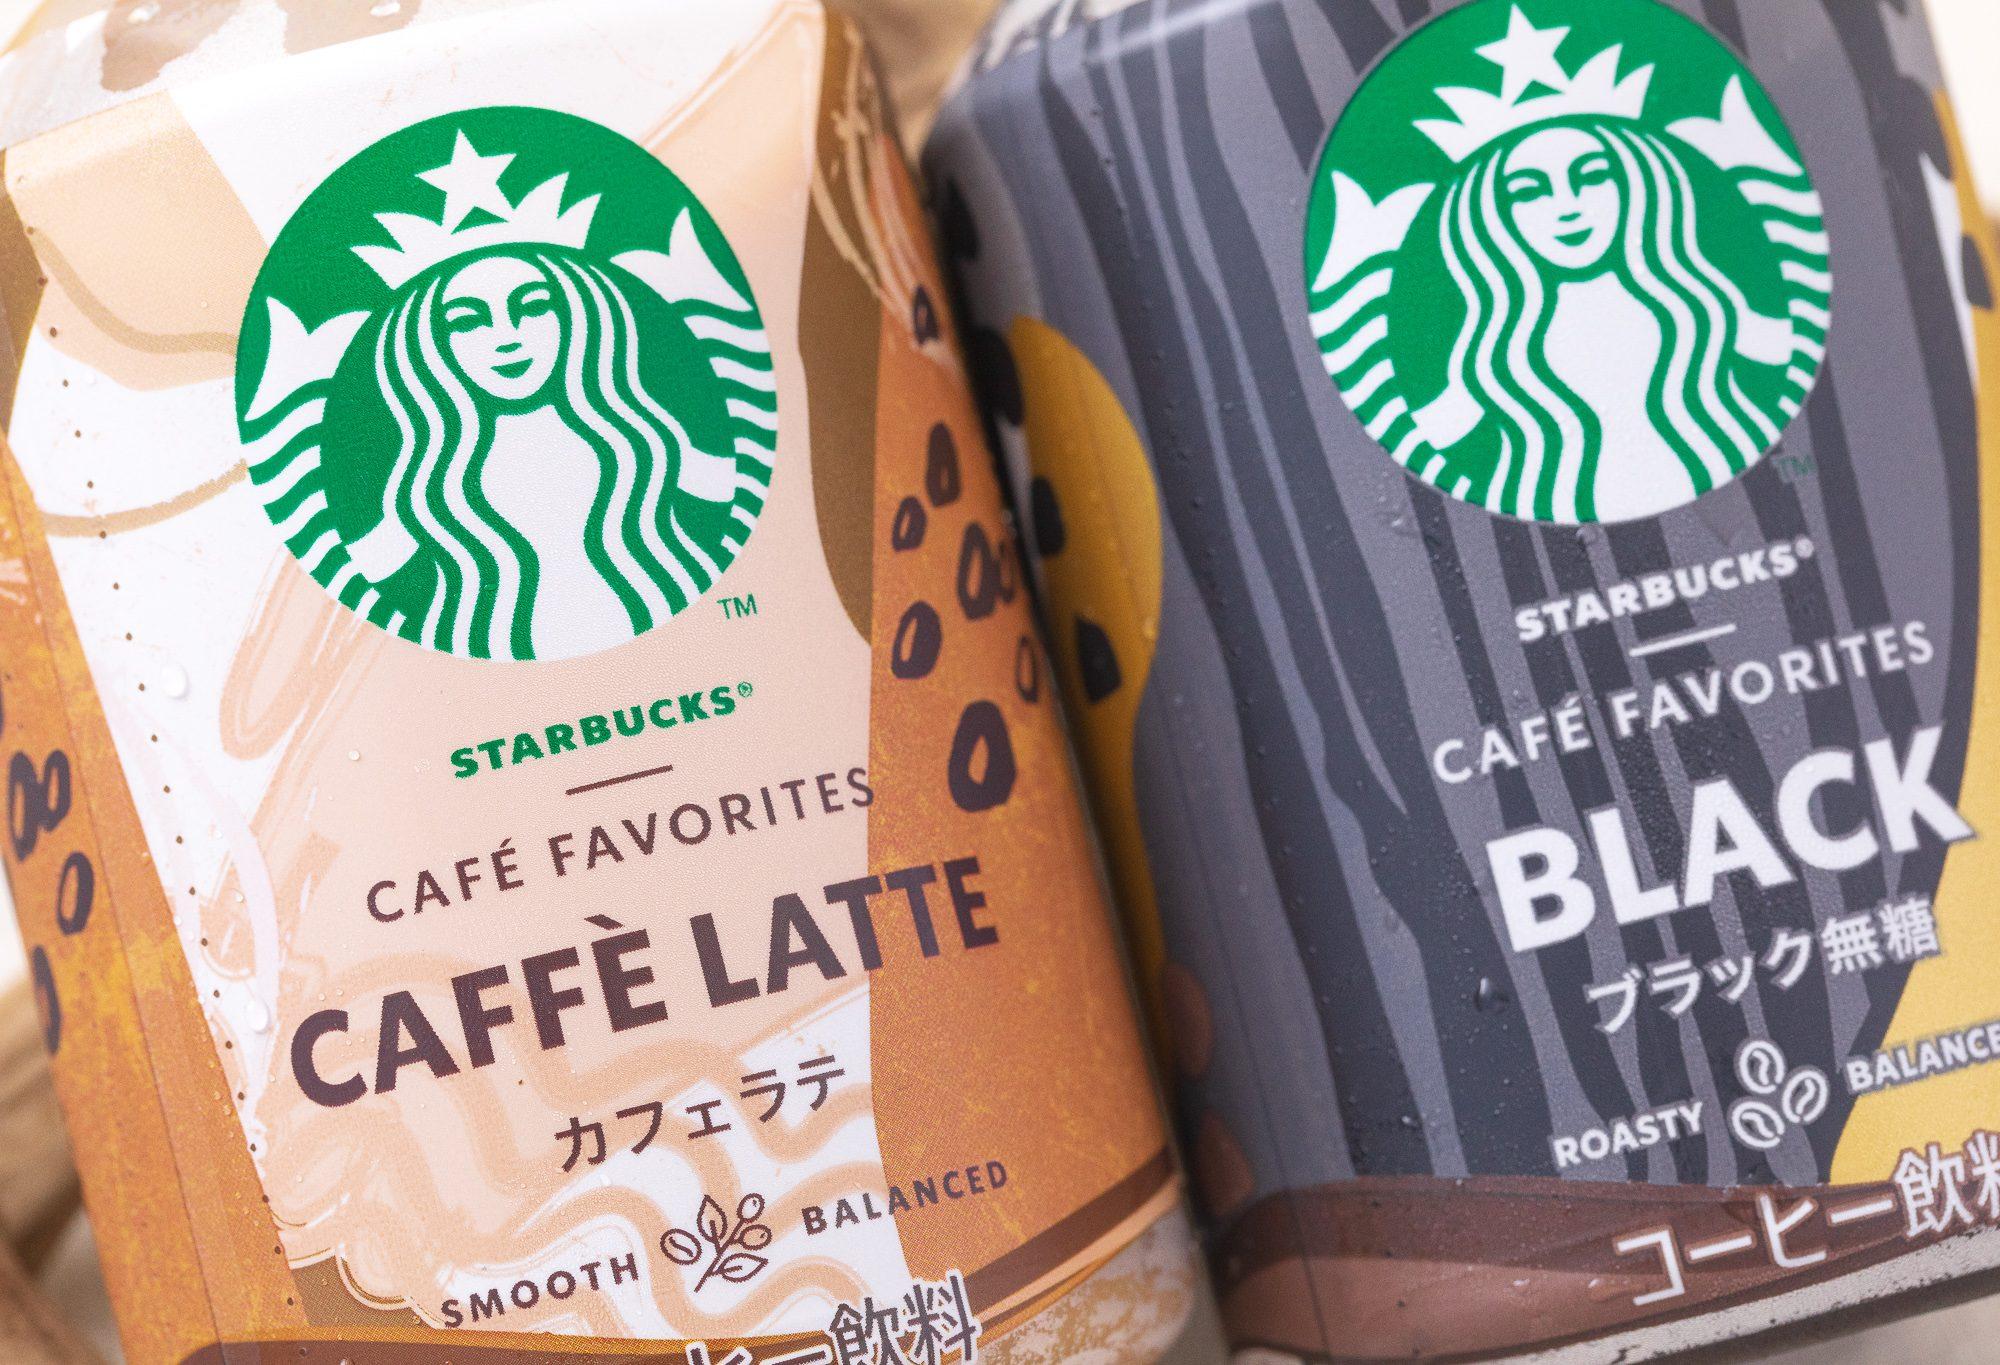 セブン&アイグループ限定『スターバックス CAFÉ FAVORITES カフェラテ』『スターバックス CAFÉ FAVORITES ブラック無糖』実飲レビュー!ペットボトルコーヒー界に風穴を開ける気概を感じられる新世代コーヒー◎